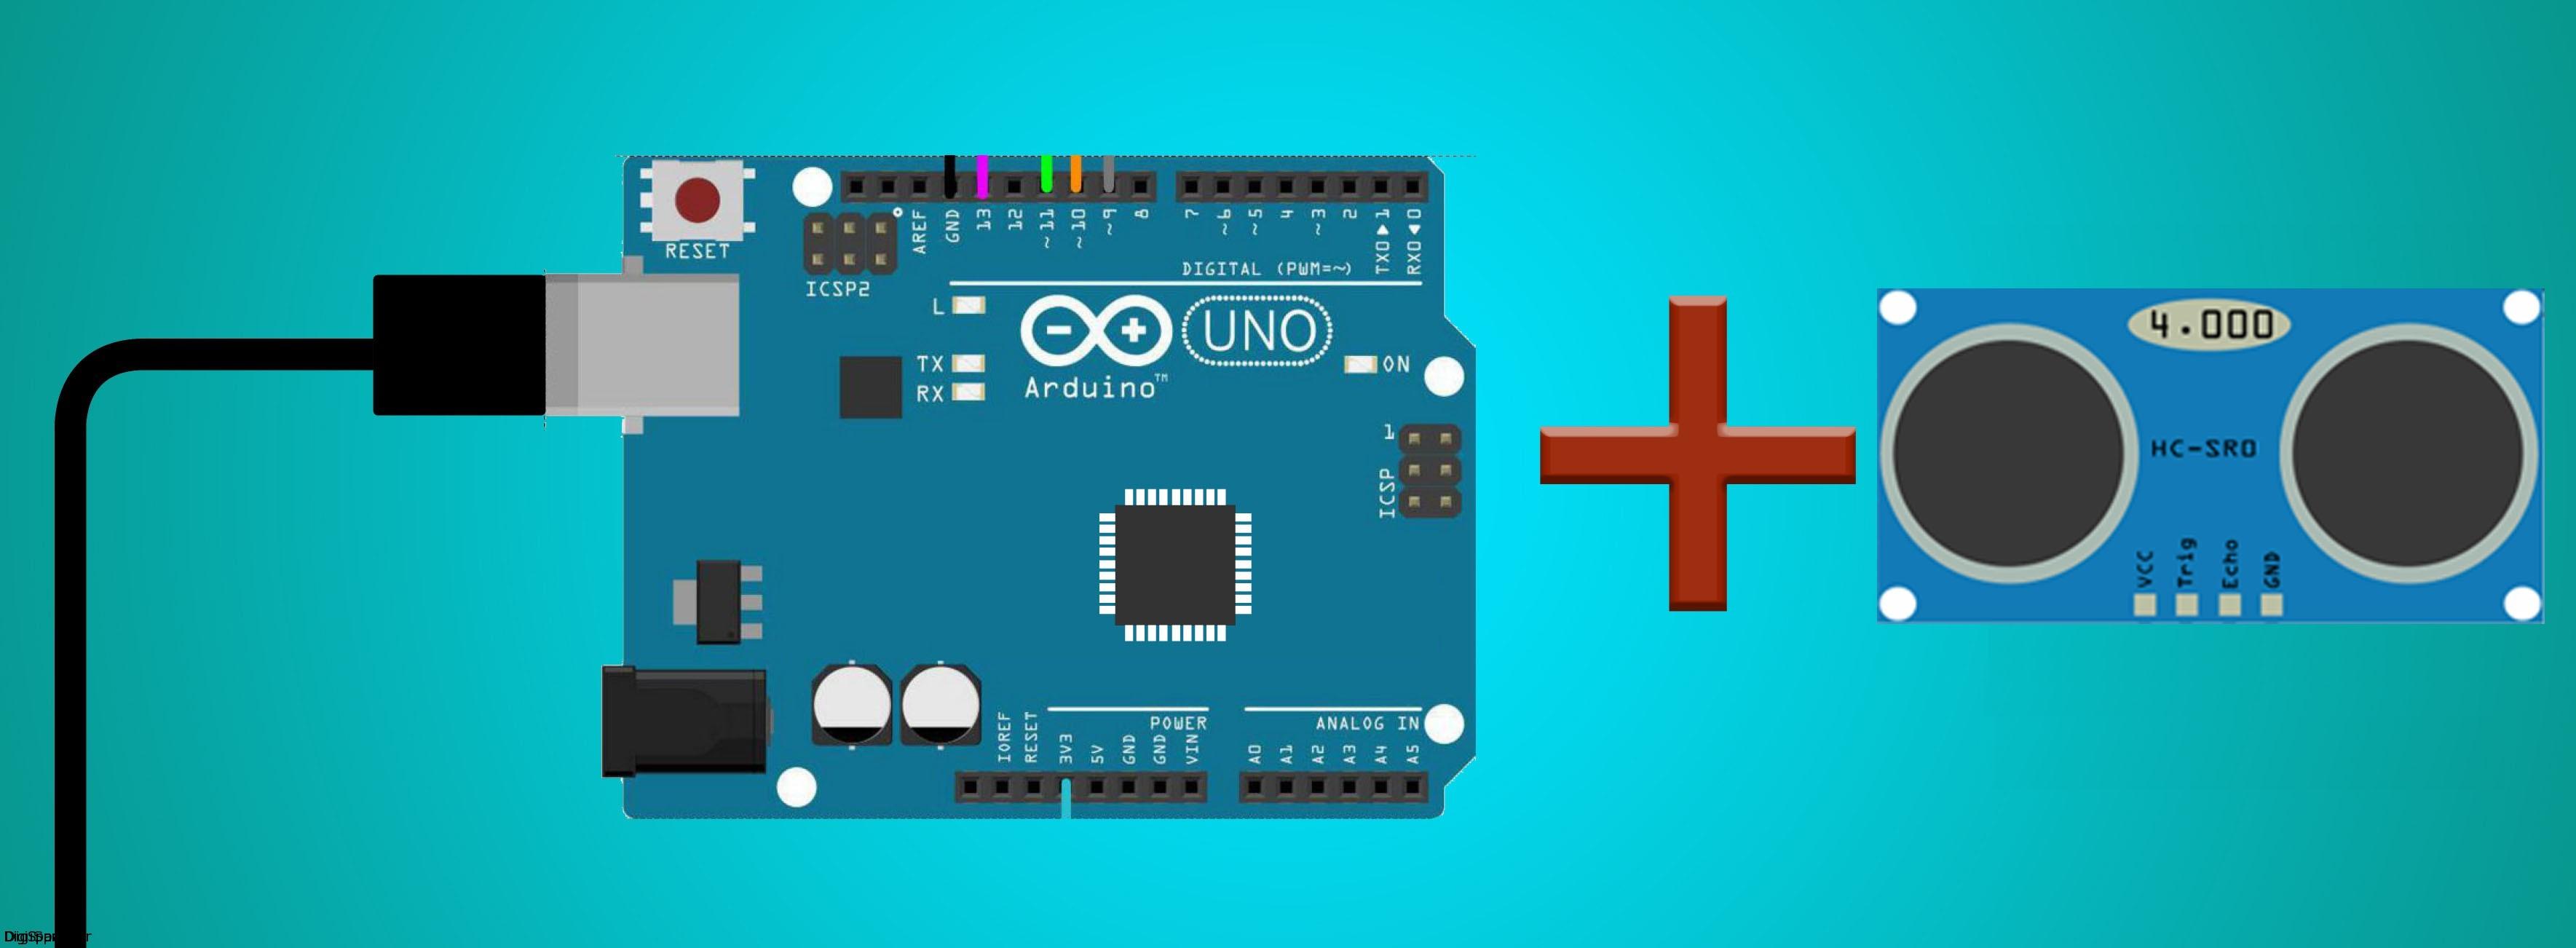 Arduino UNO - SRF05-Digispark